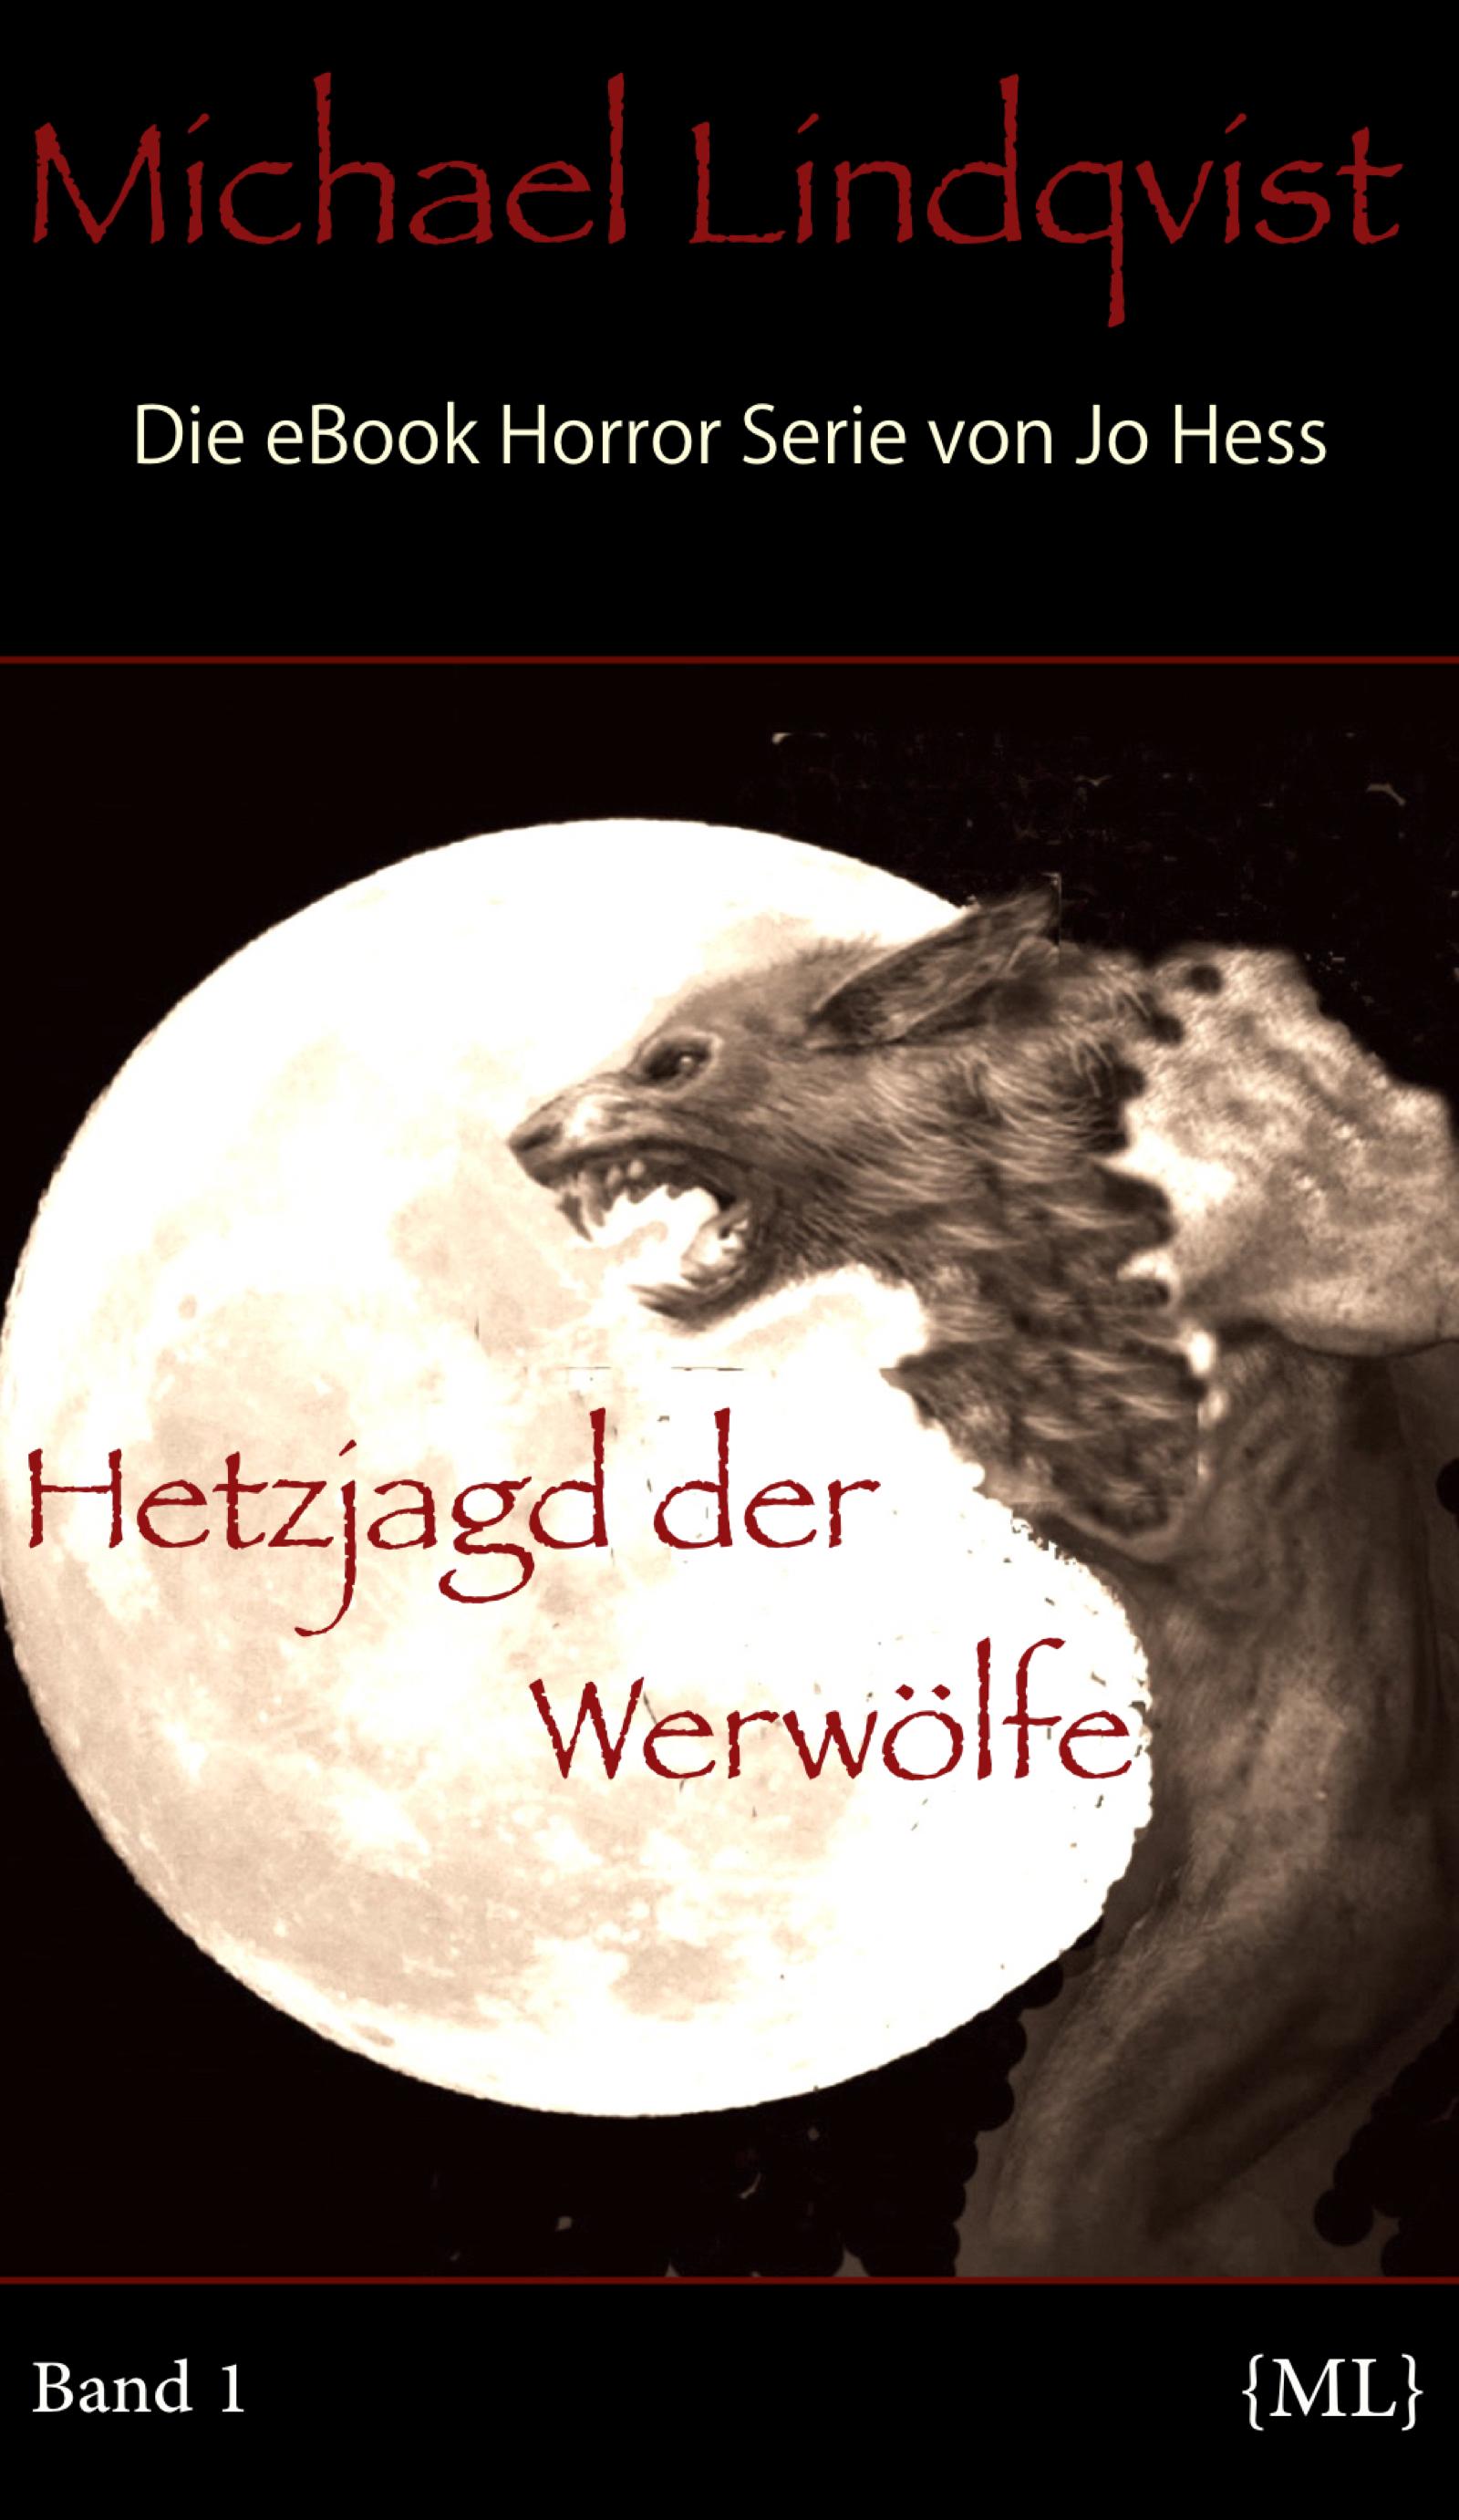 Jo Hess – Michael Lindqvist: Hetzjagd der Werwölfe